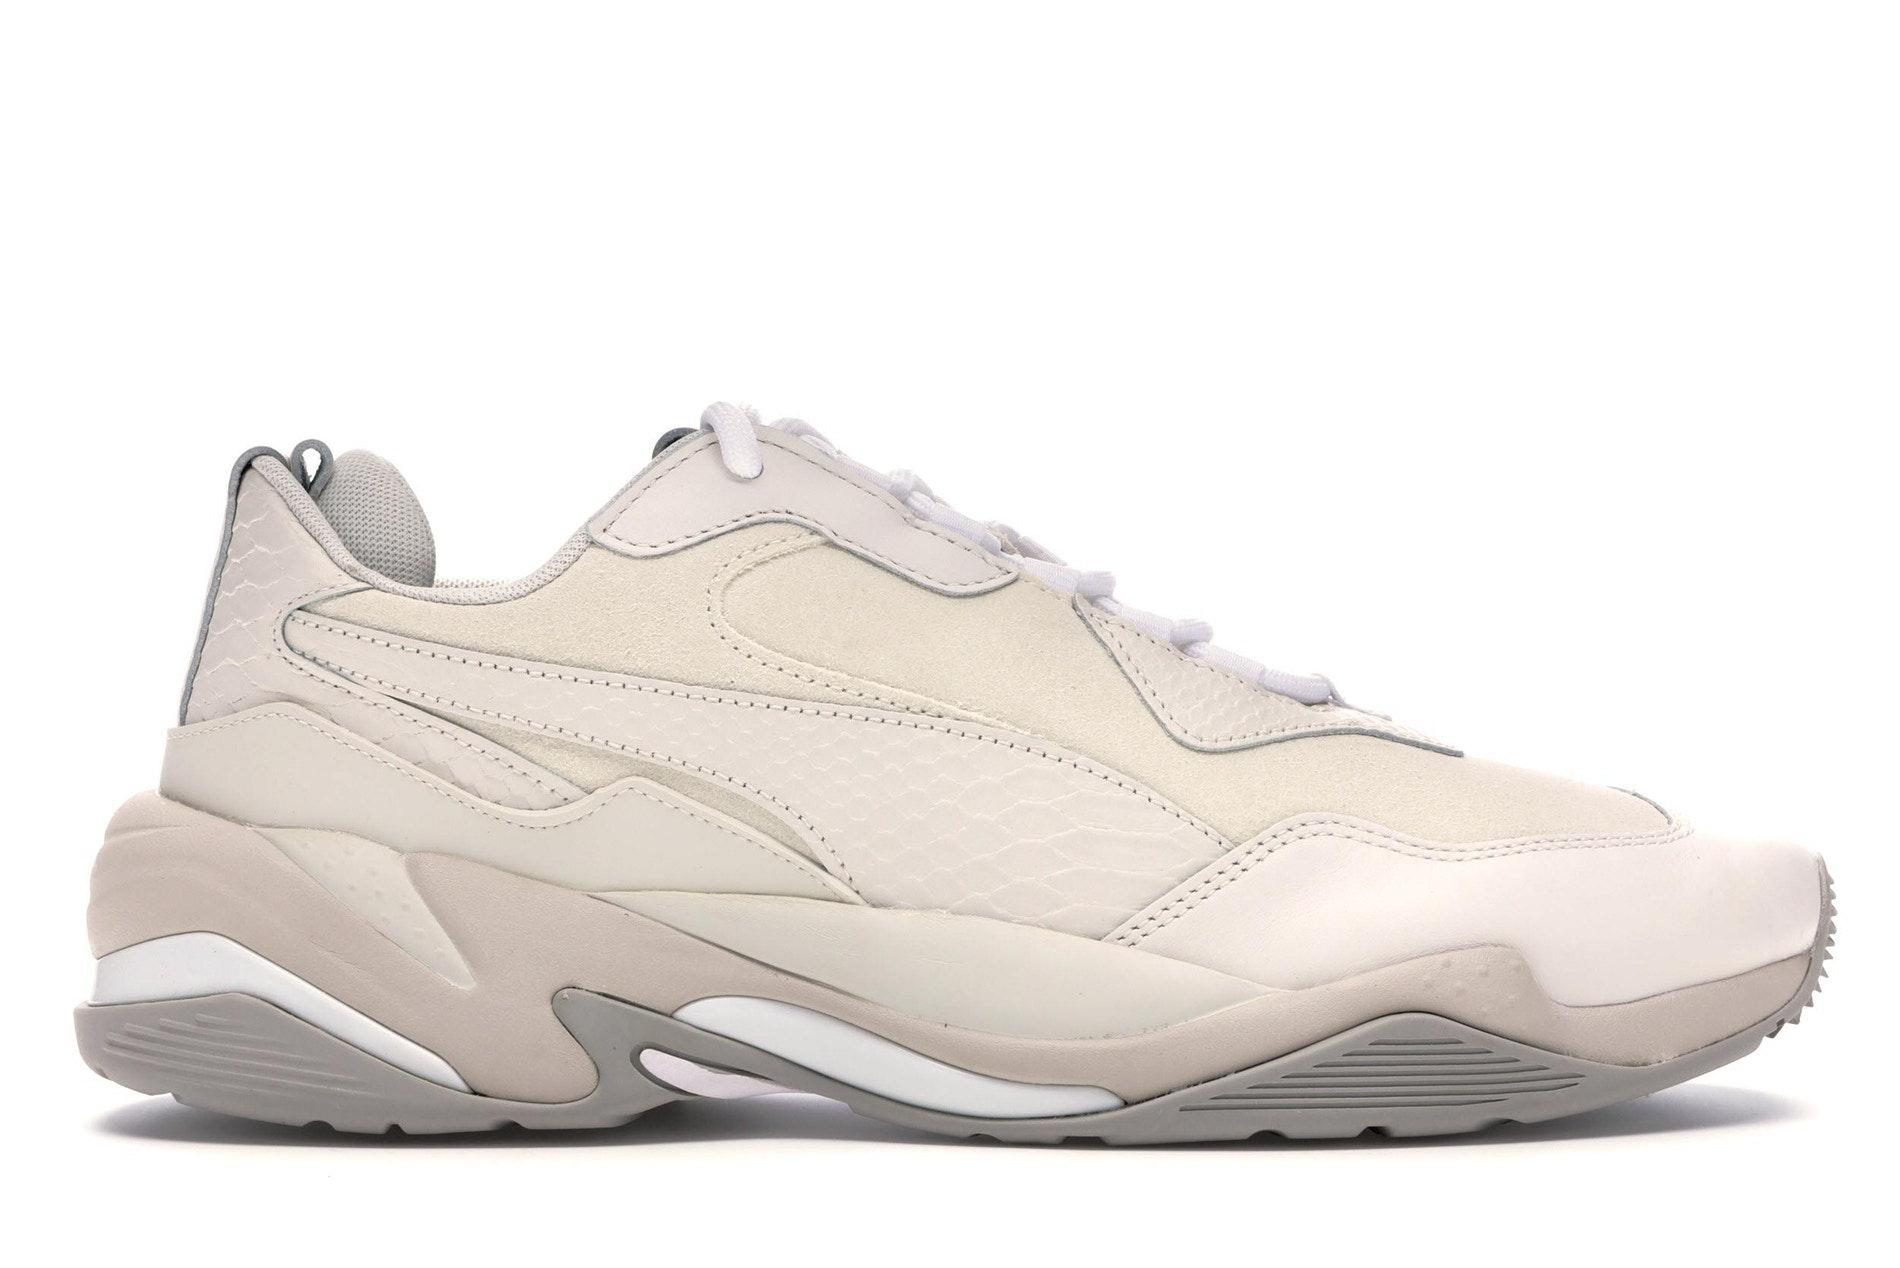 Puma Thunder Desert Bright White